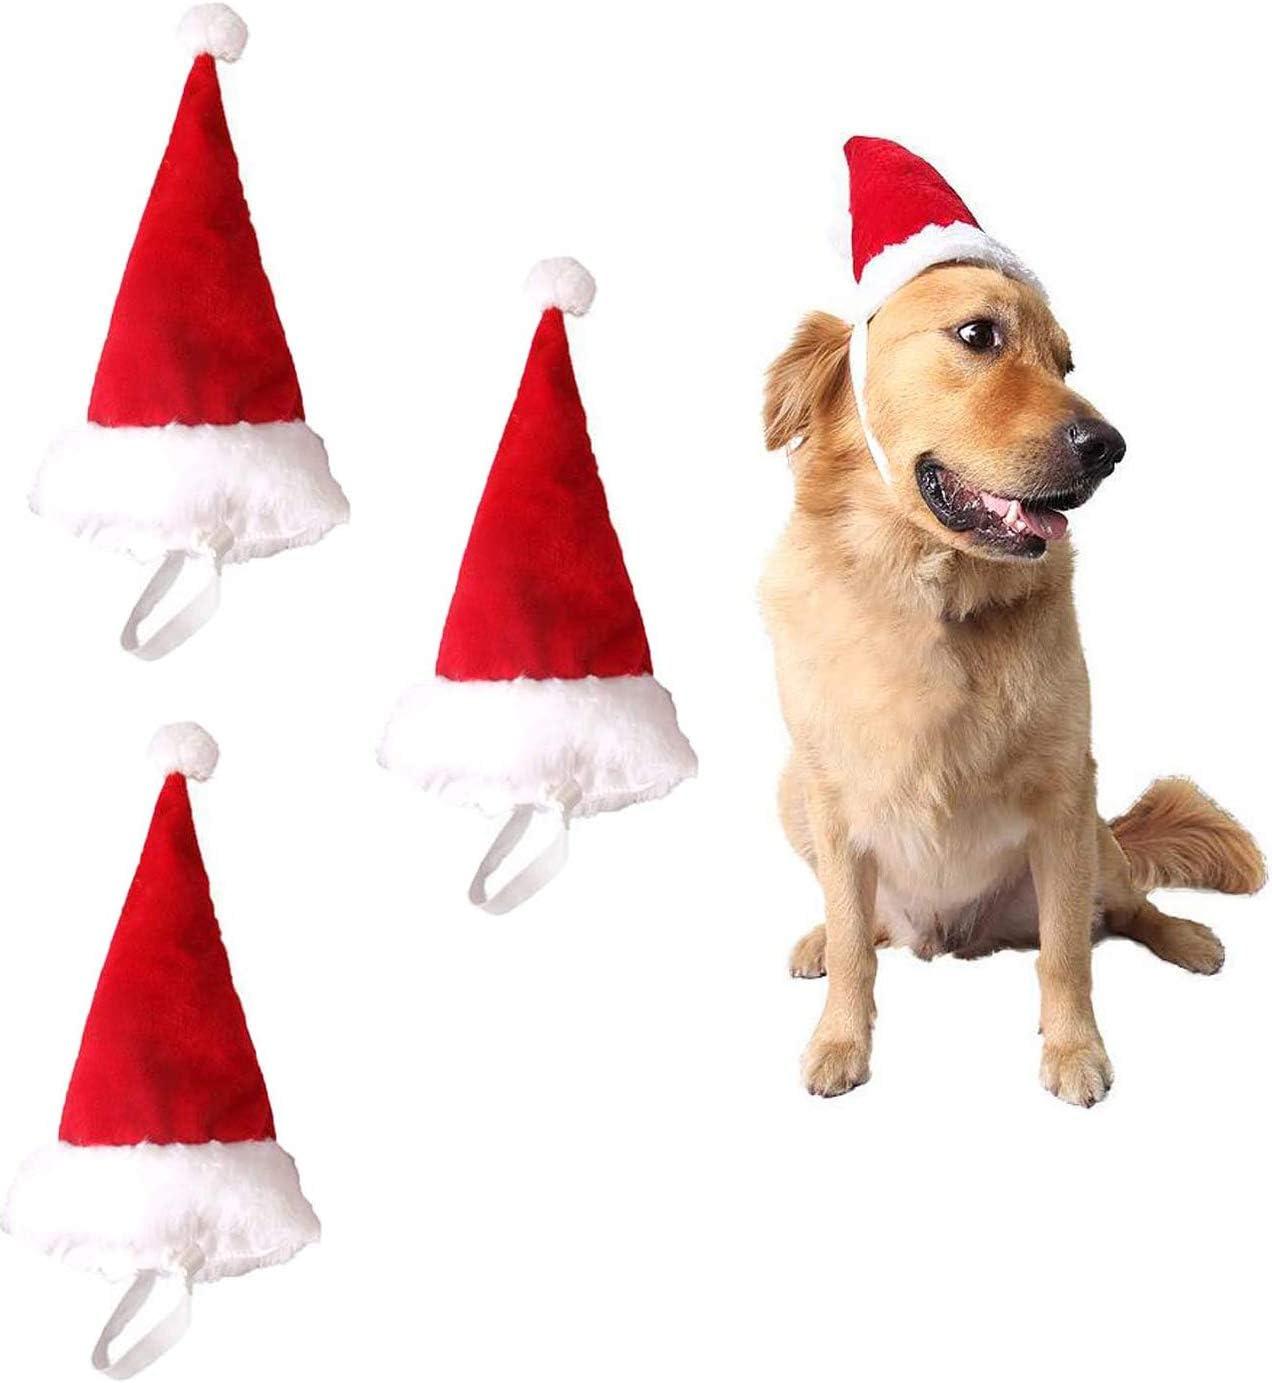 Pack 3 Gorros Pequeños de Papá Noel para Perros y Gatos Disfraz de Navidad de Mascotas